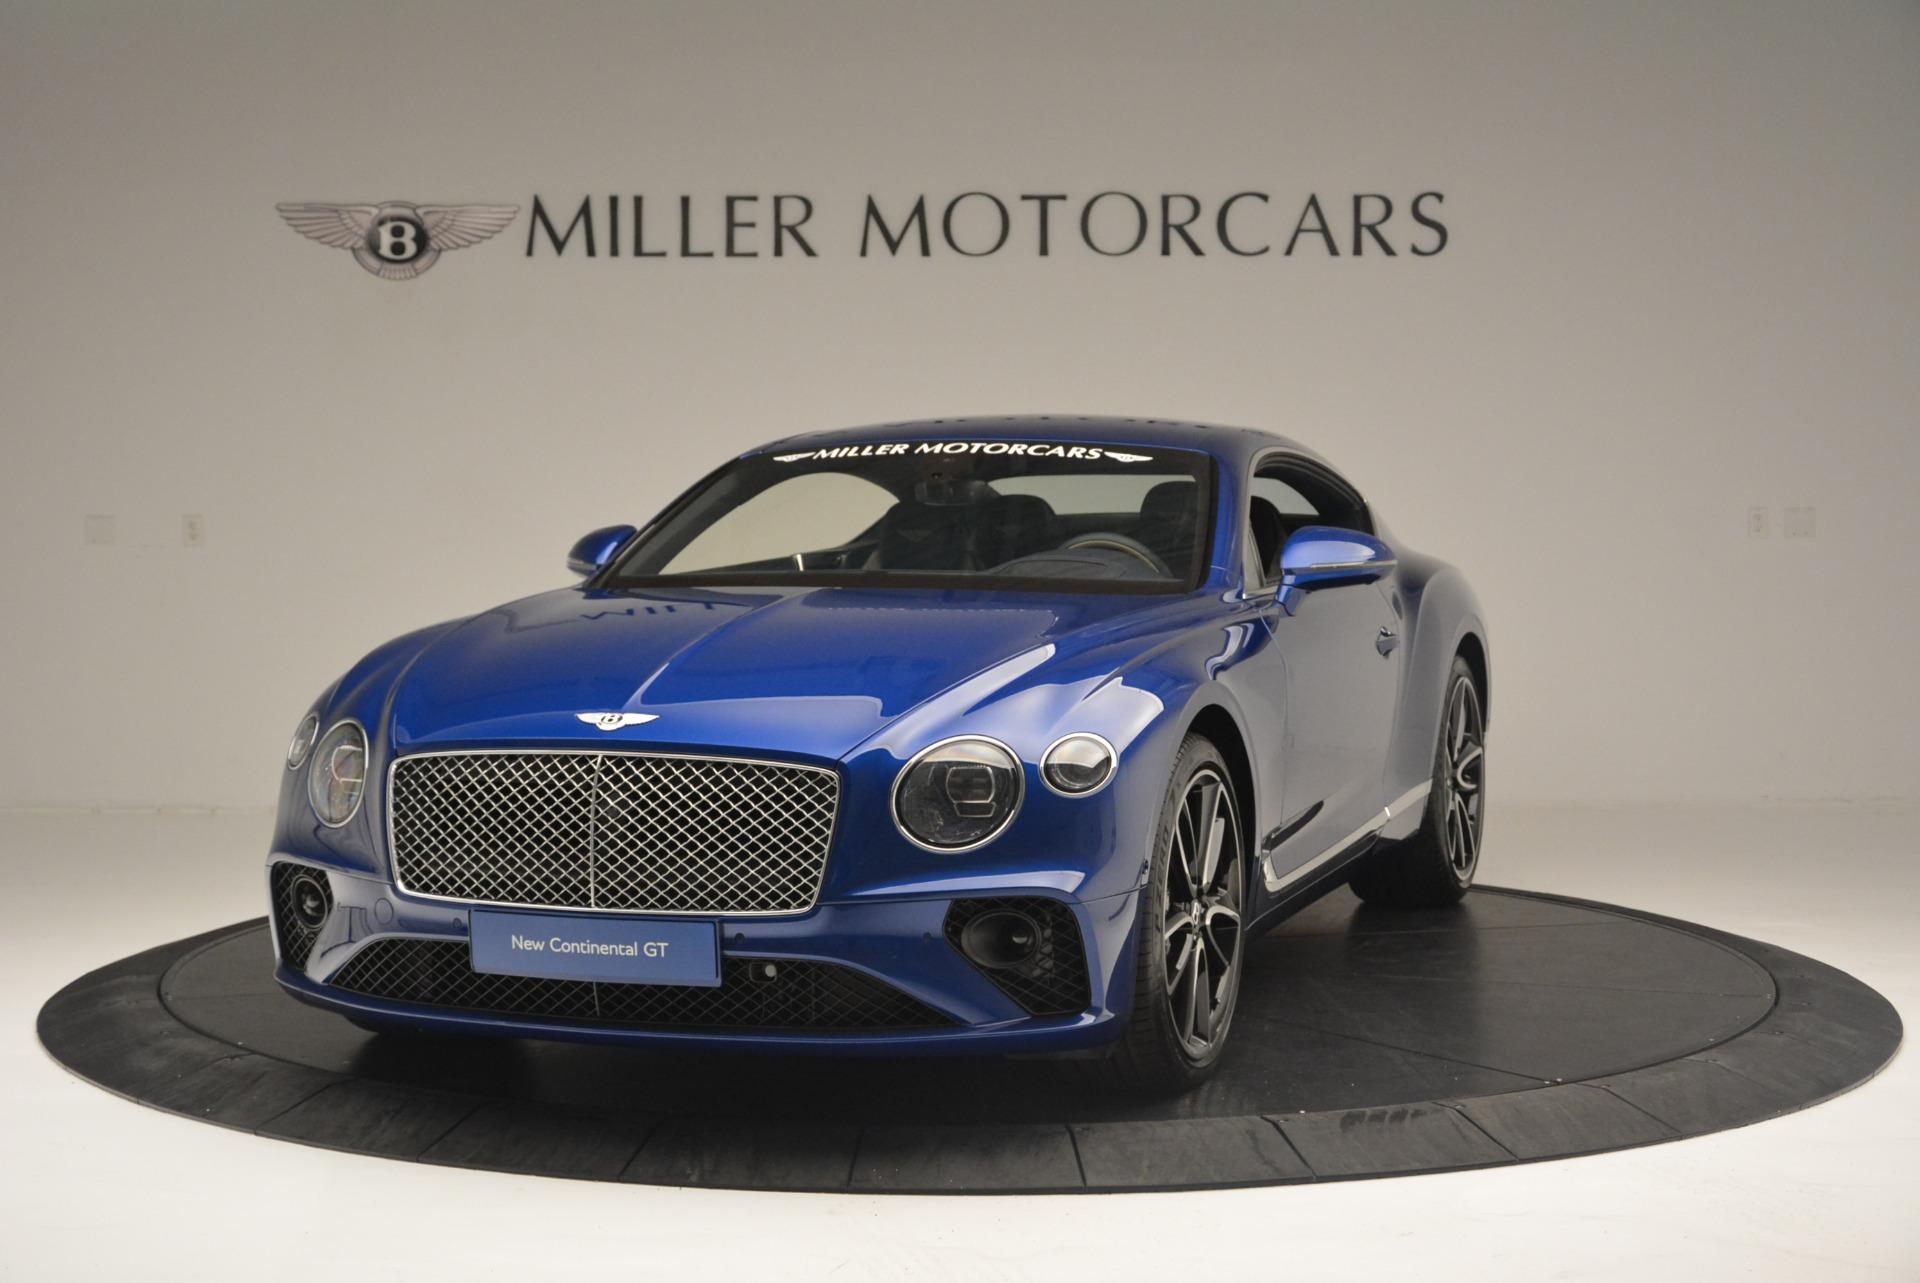 New 2020 Bentley Continental GT  For Sale In Westport, CT 1657_main